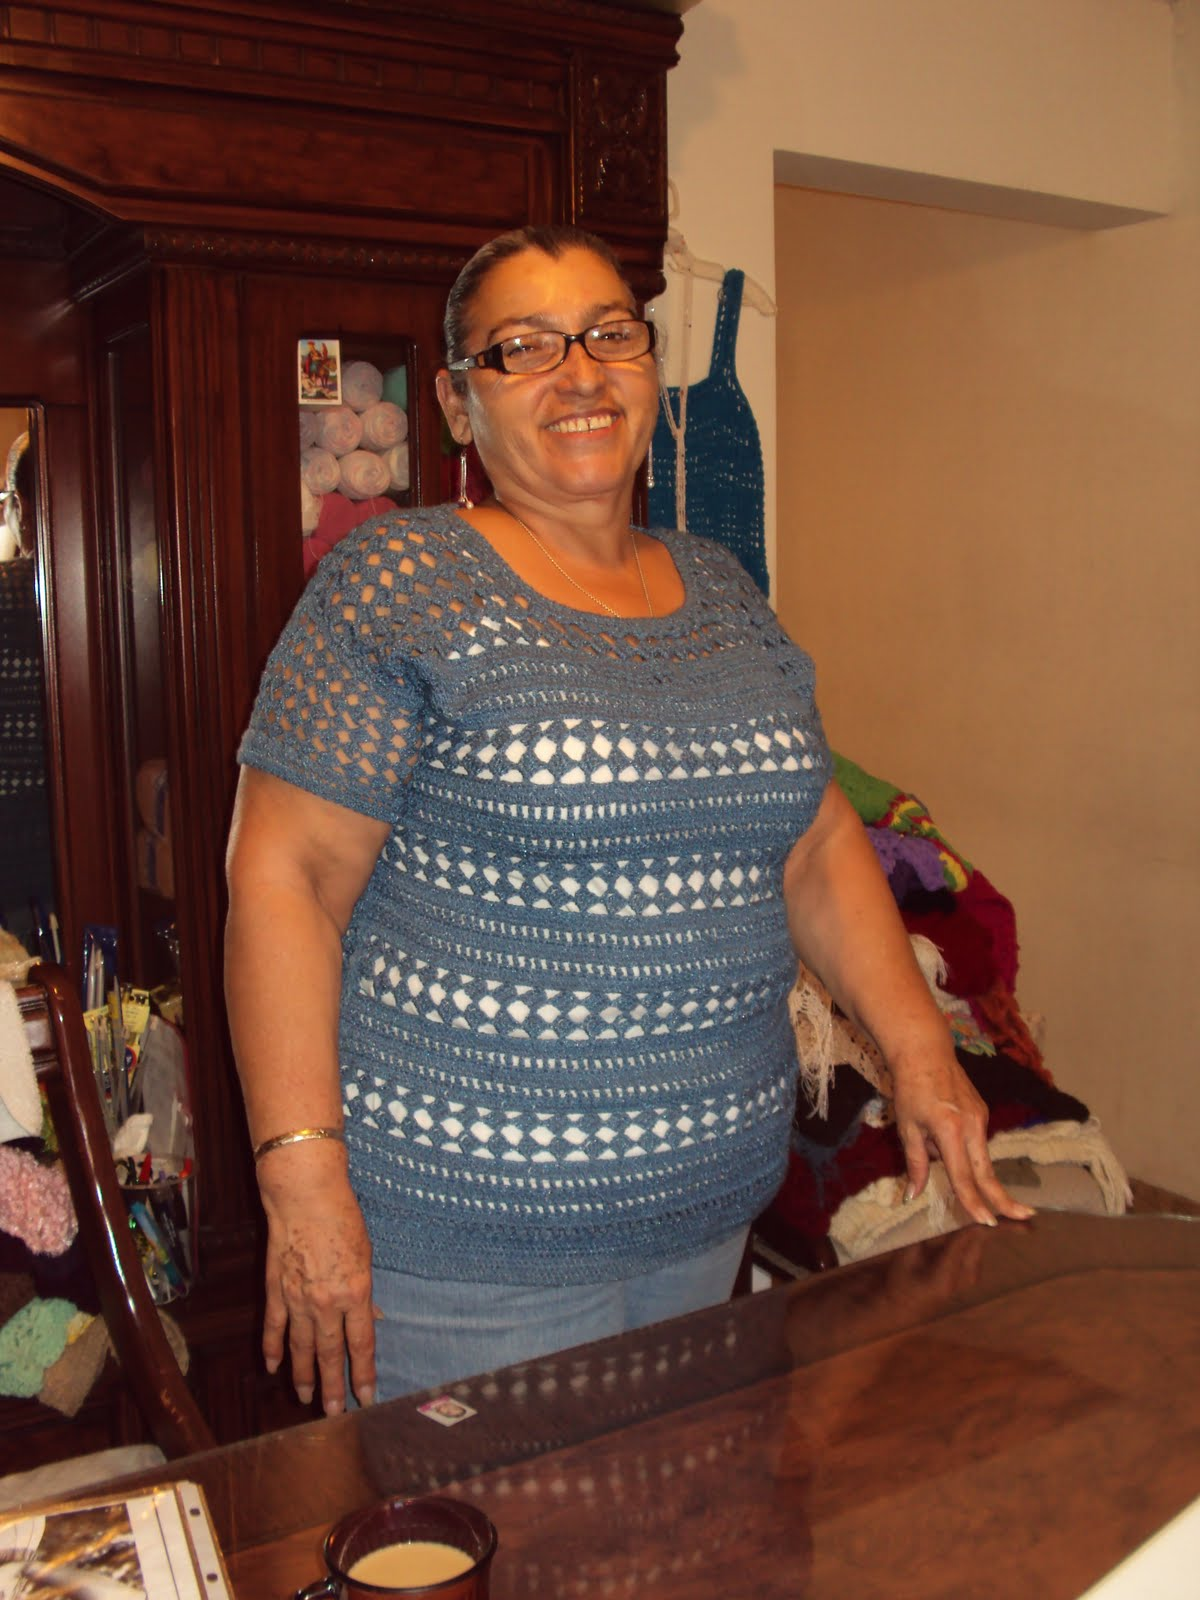 esta mi amiga Irma posando para la foto con una blusa tejida en gancho